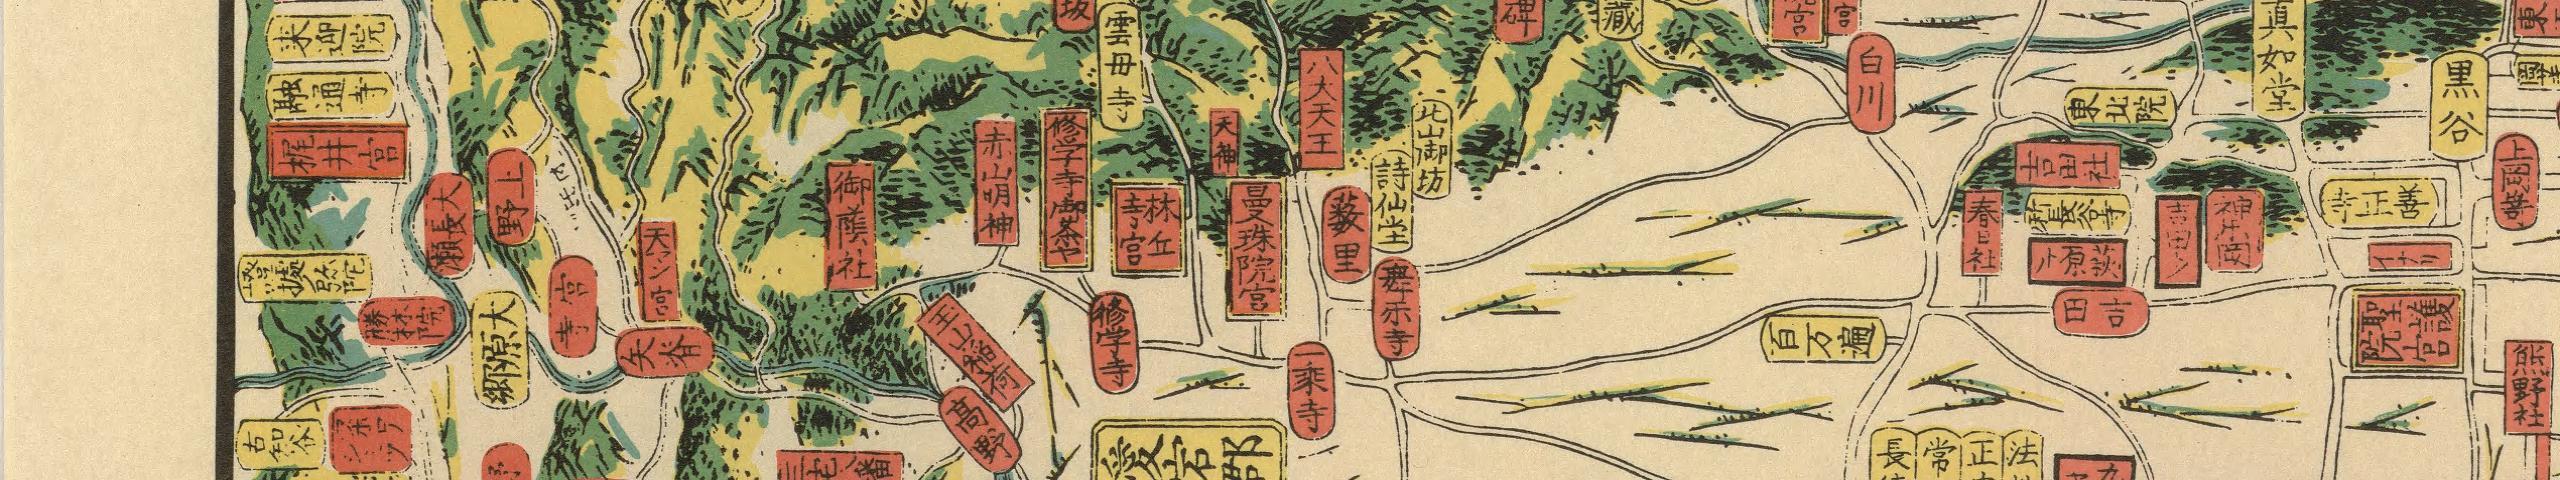 京都古地図